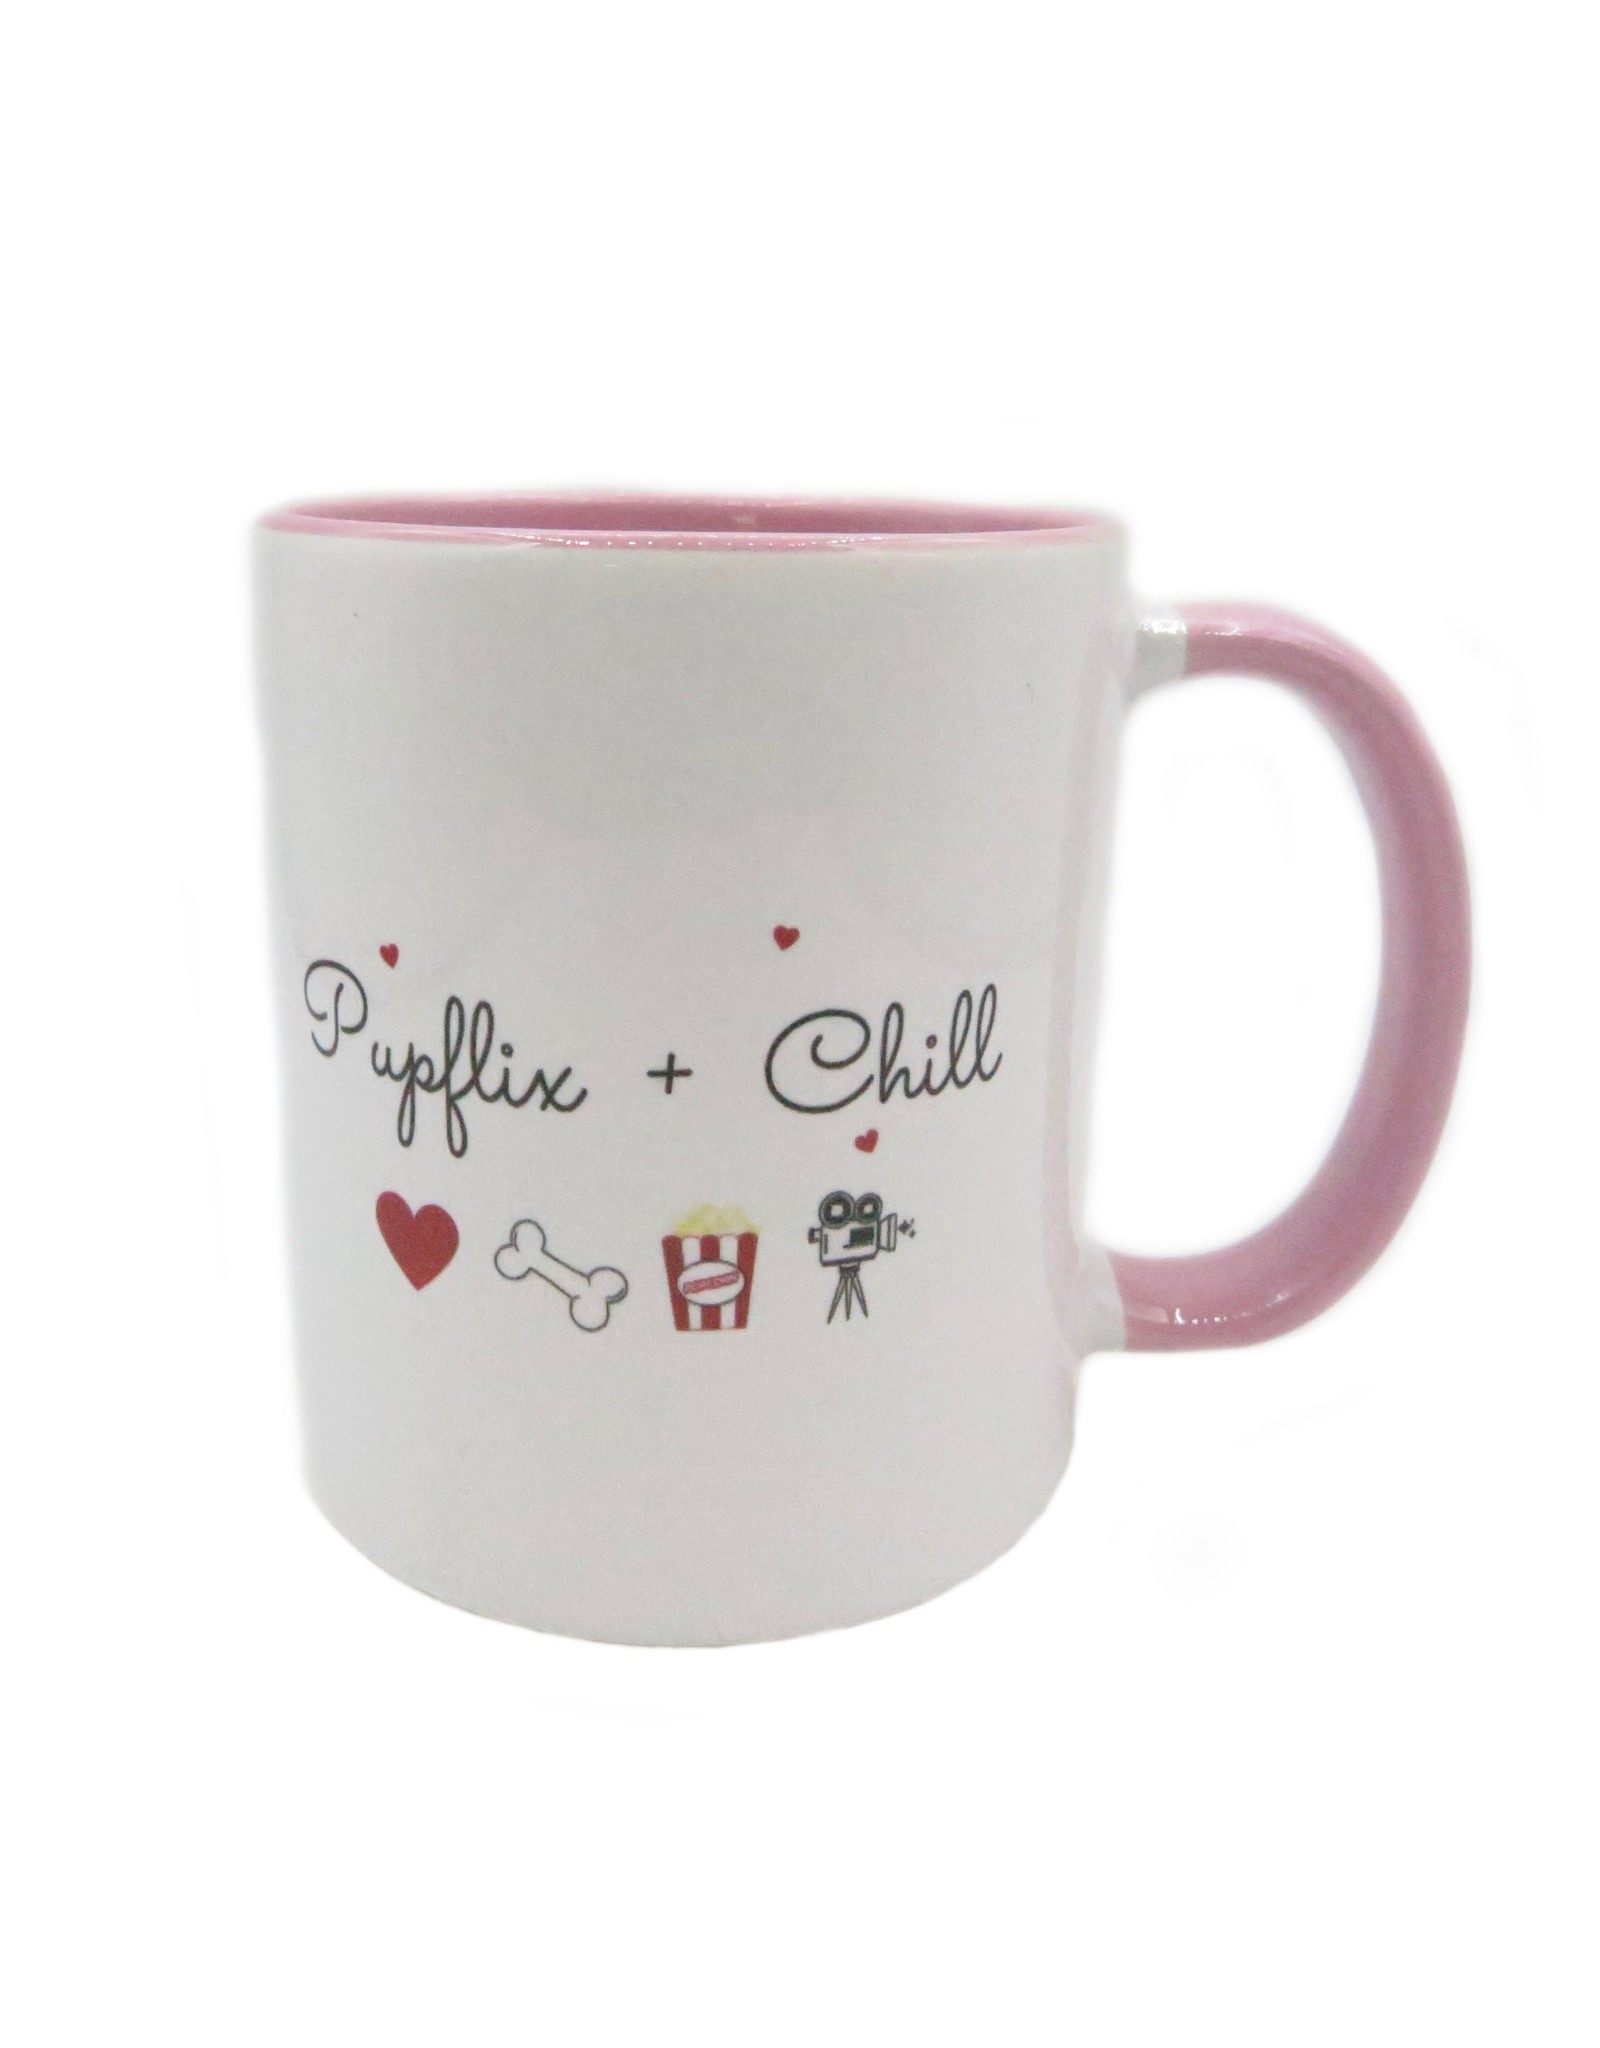 Pupflix & chill pink mug